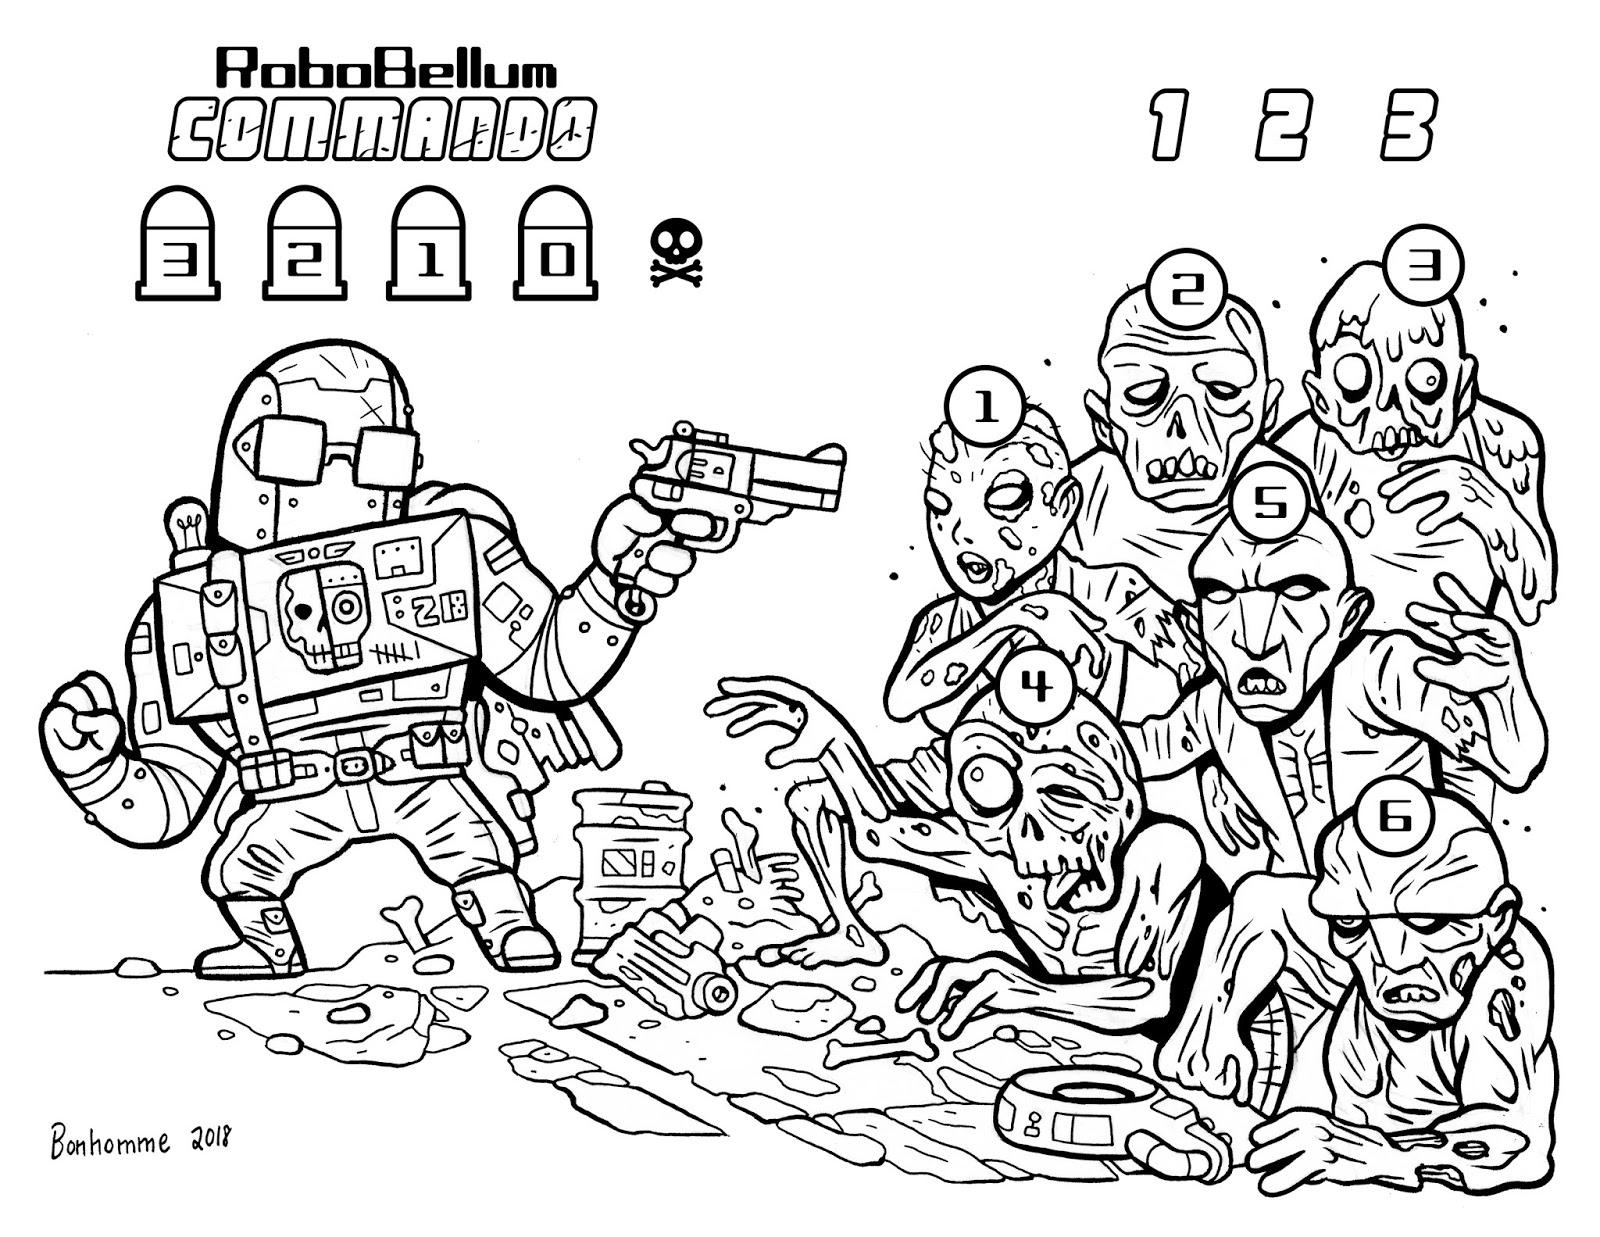 Les Sketcheurs Cosmiques: Robobellum Commando - Jeu De encequiconcerne Jeux Societe Gratuit